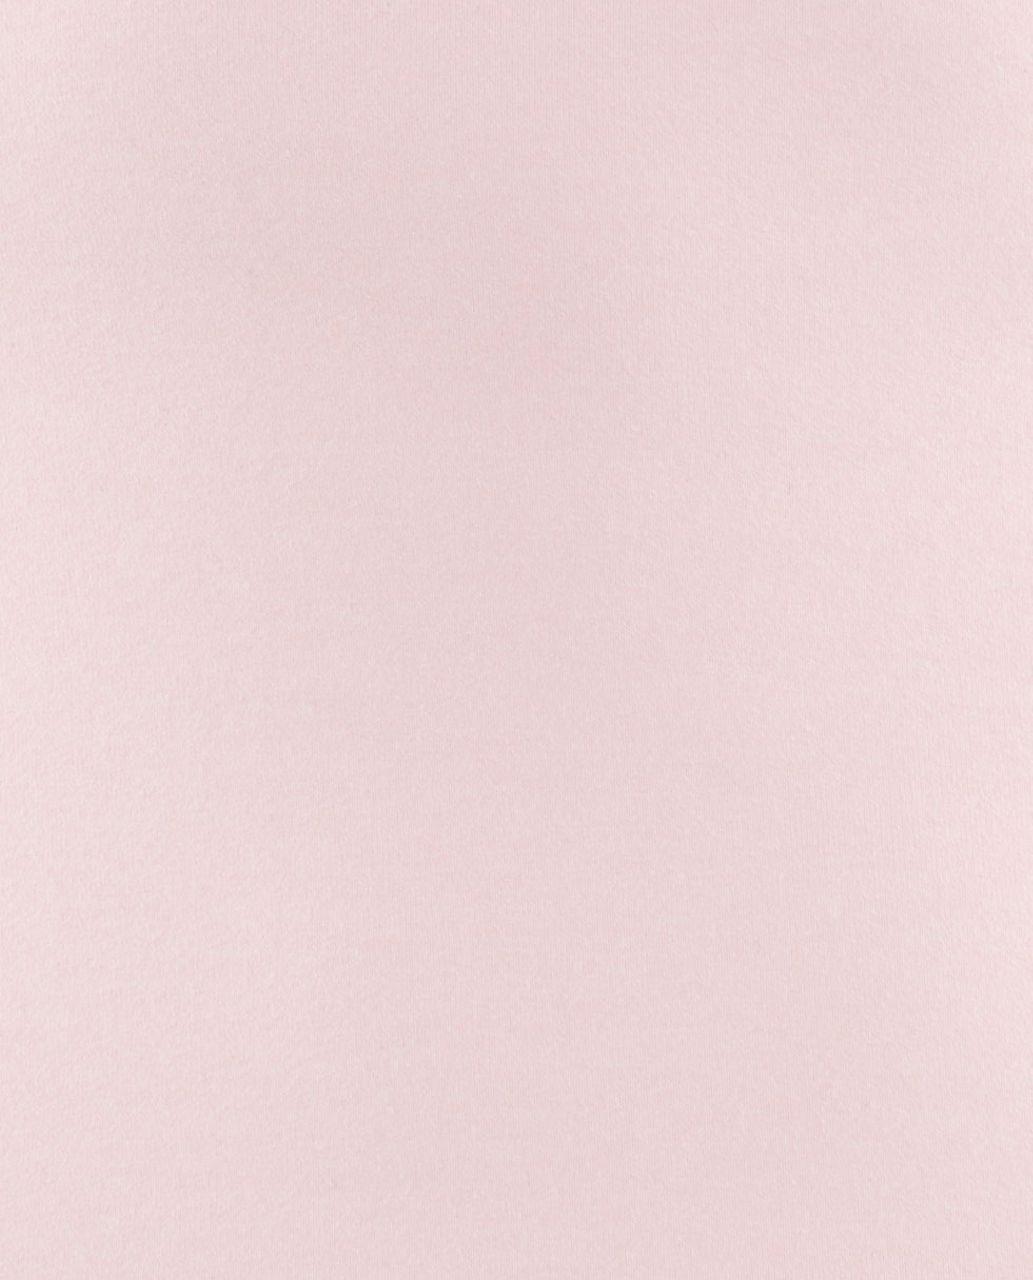 Lululemon Power Y Tank - Heathered Blush Quartz